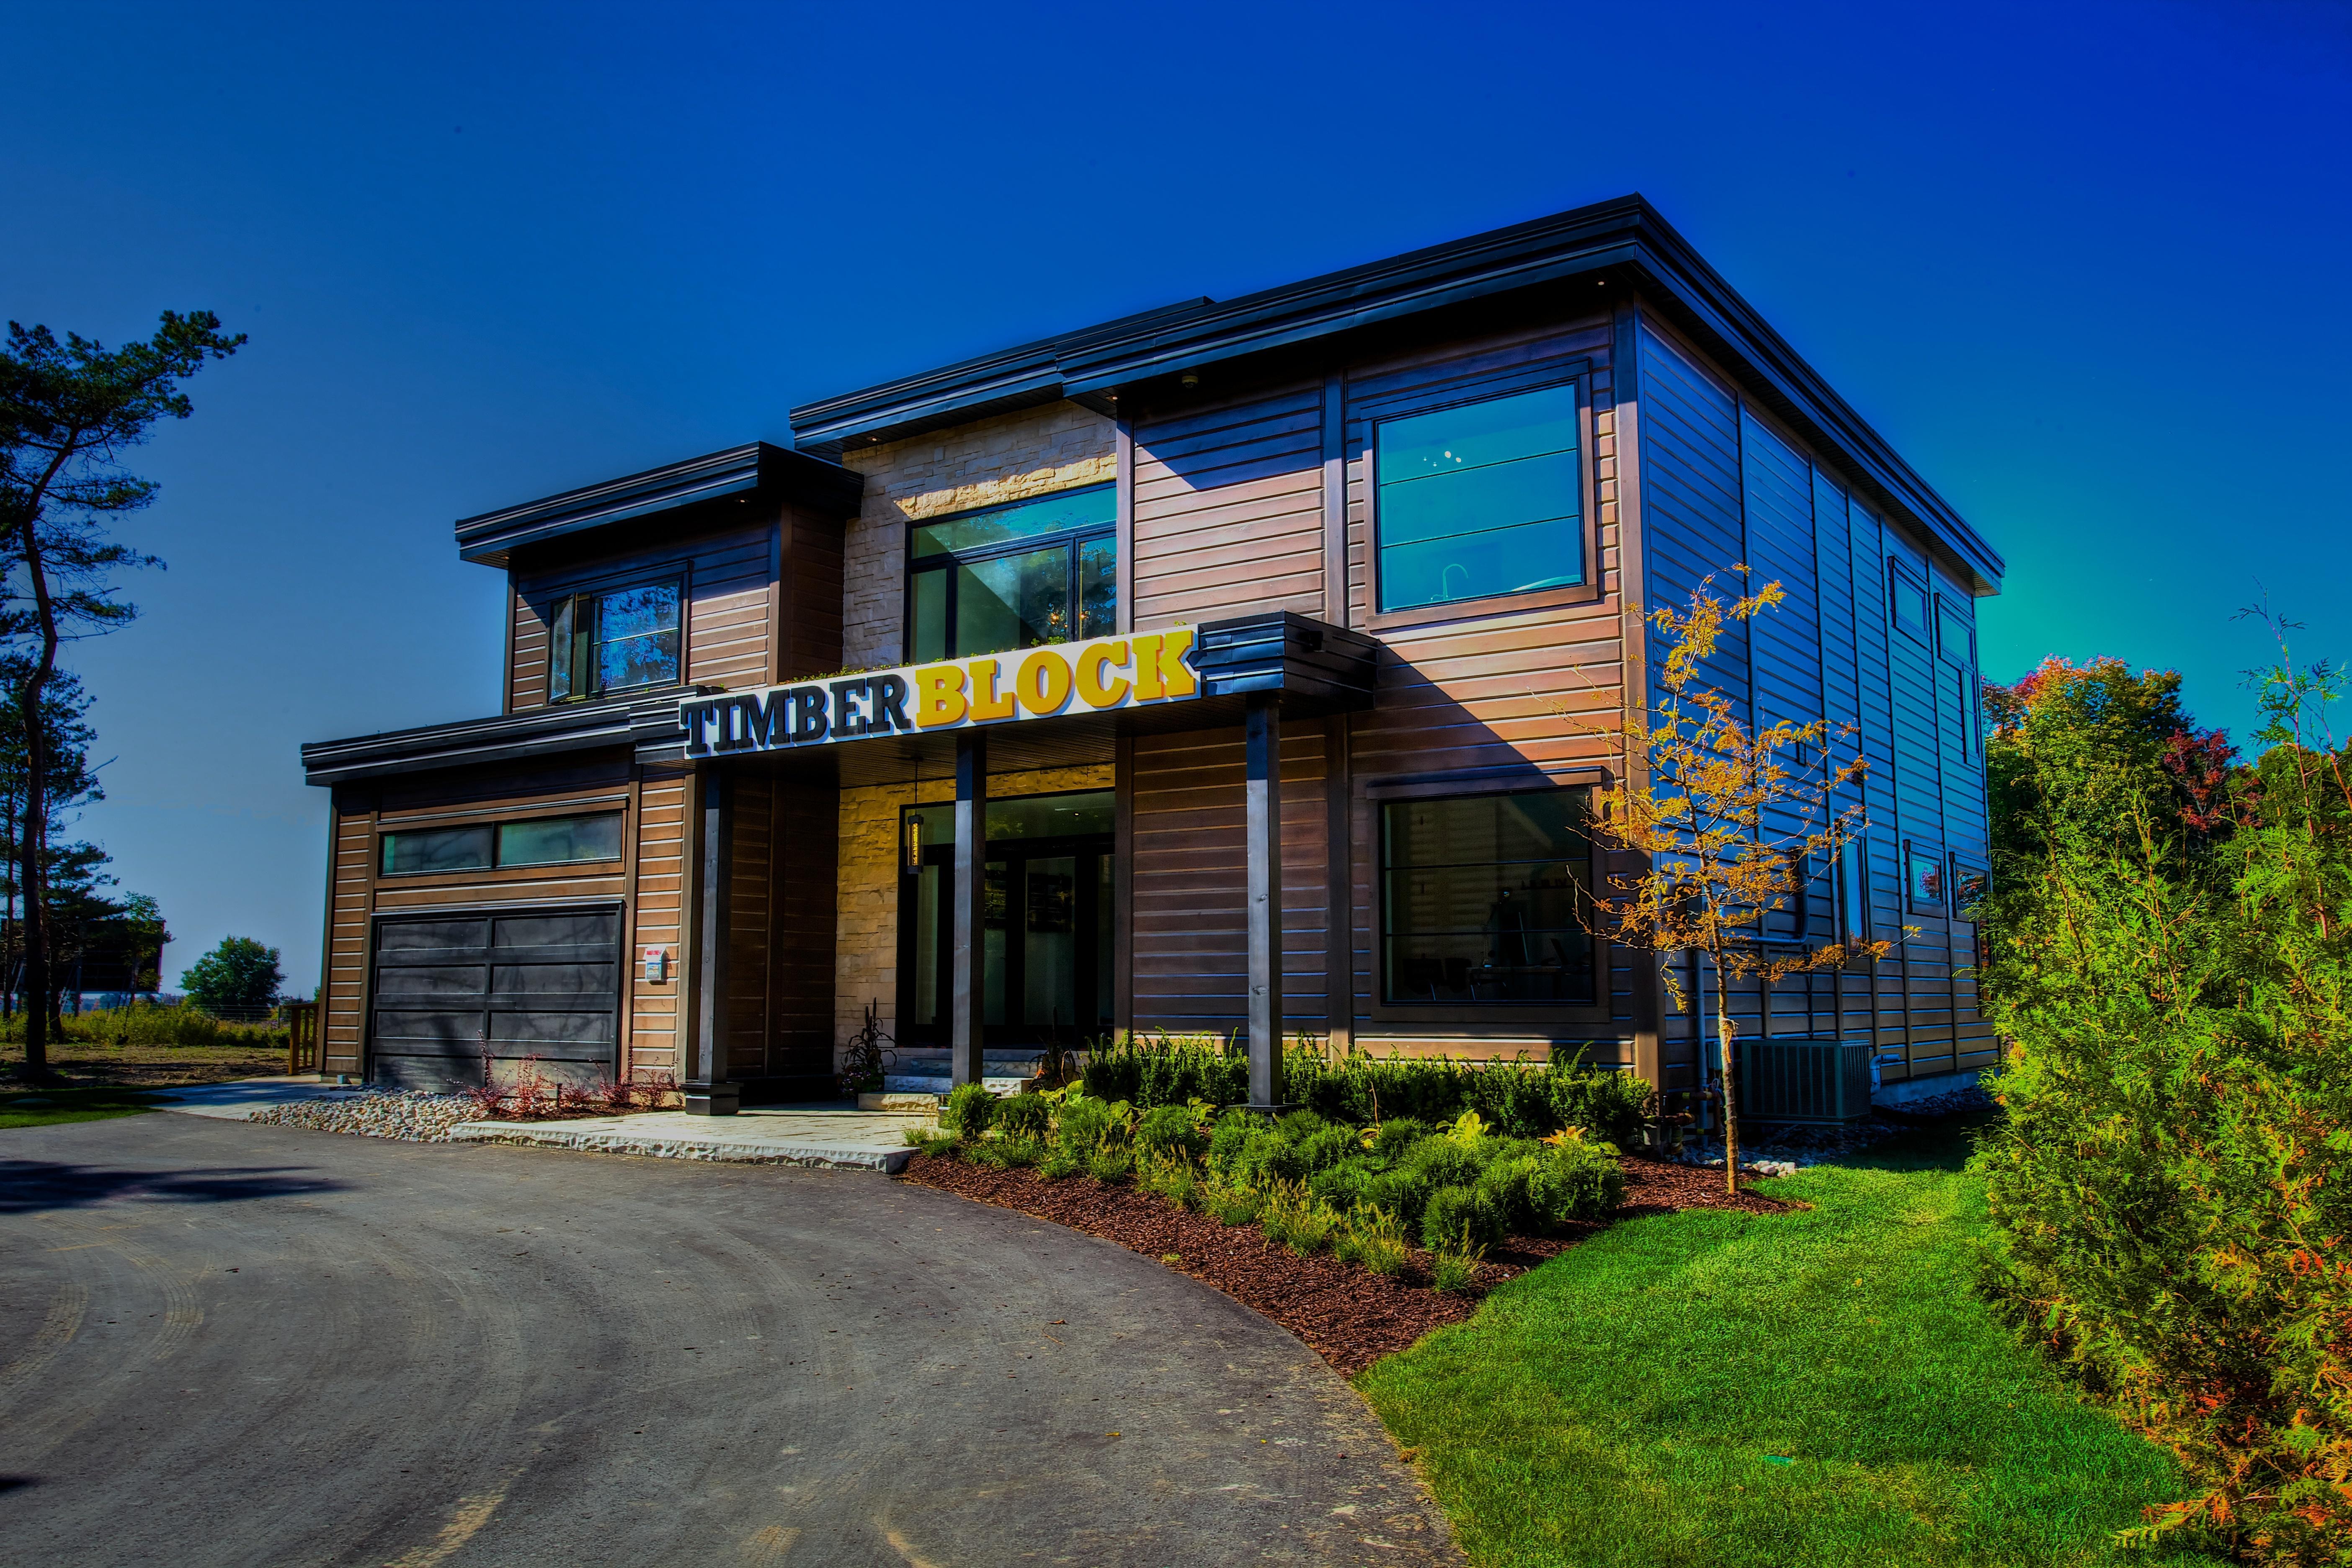 Timber Block Ontario Milano Contemporary Home